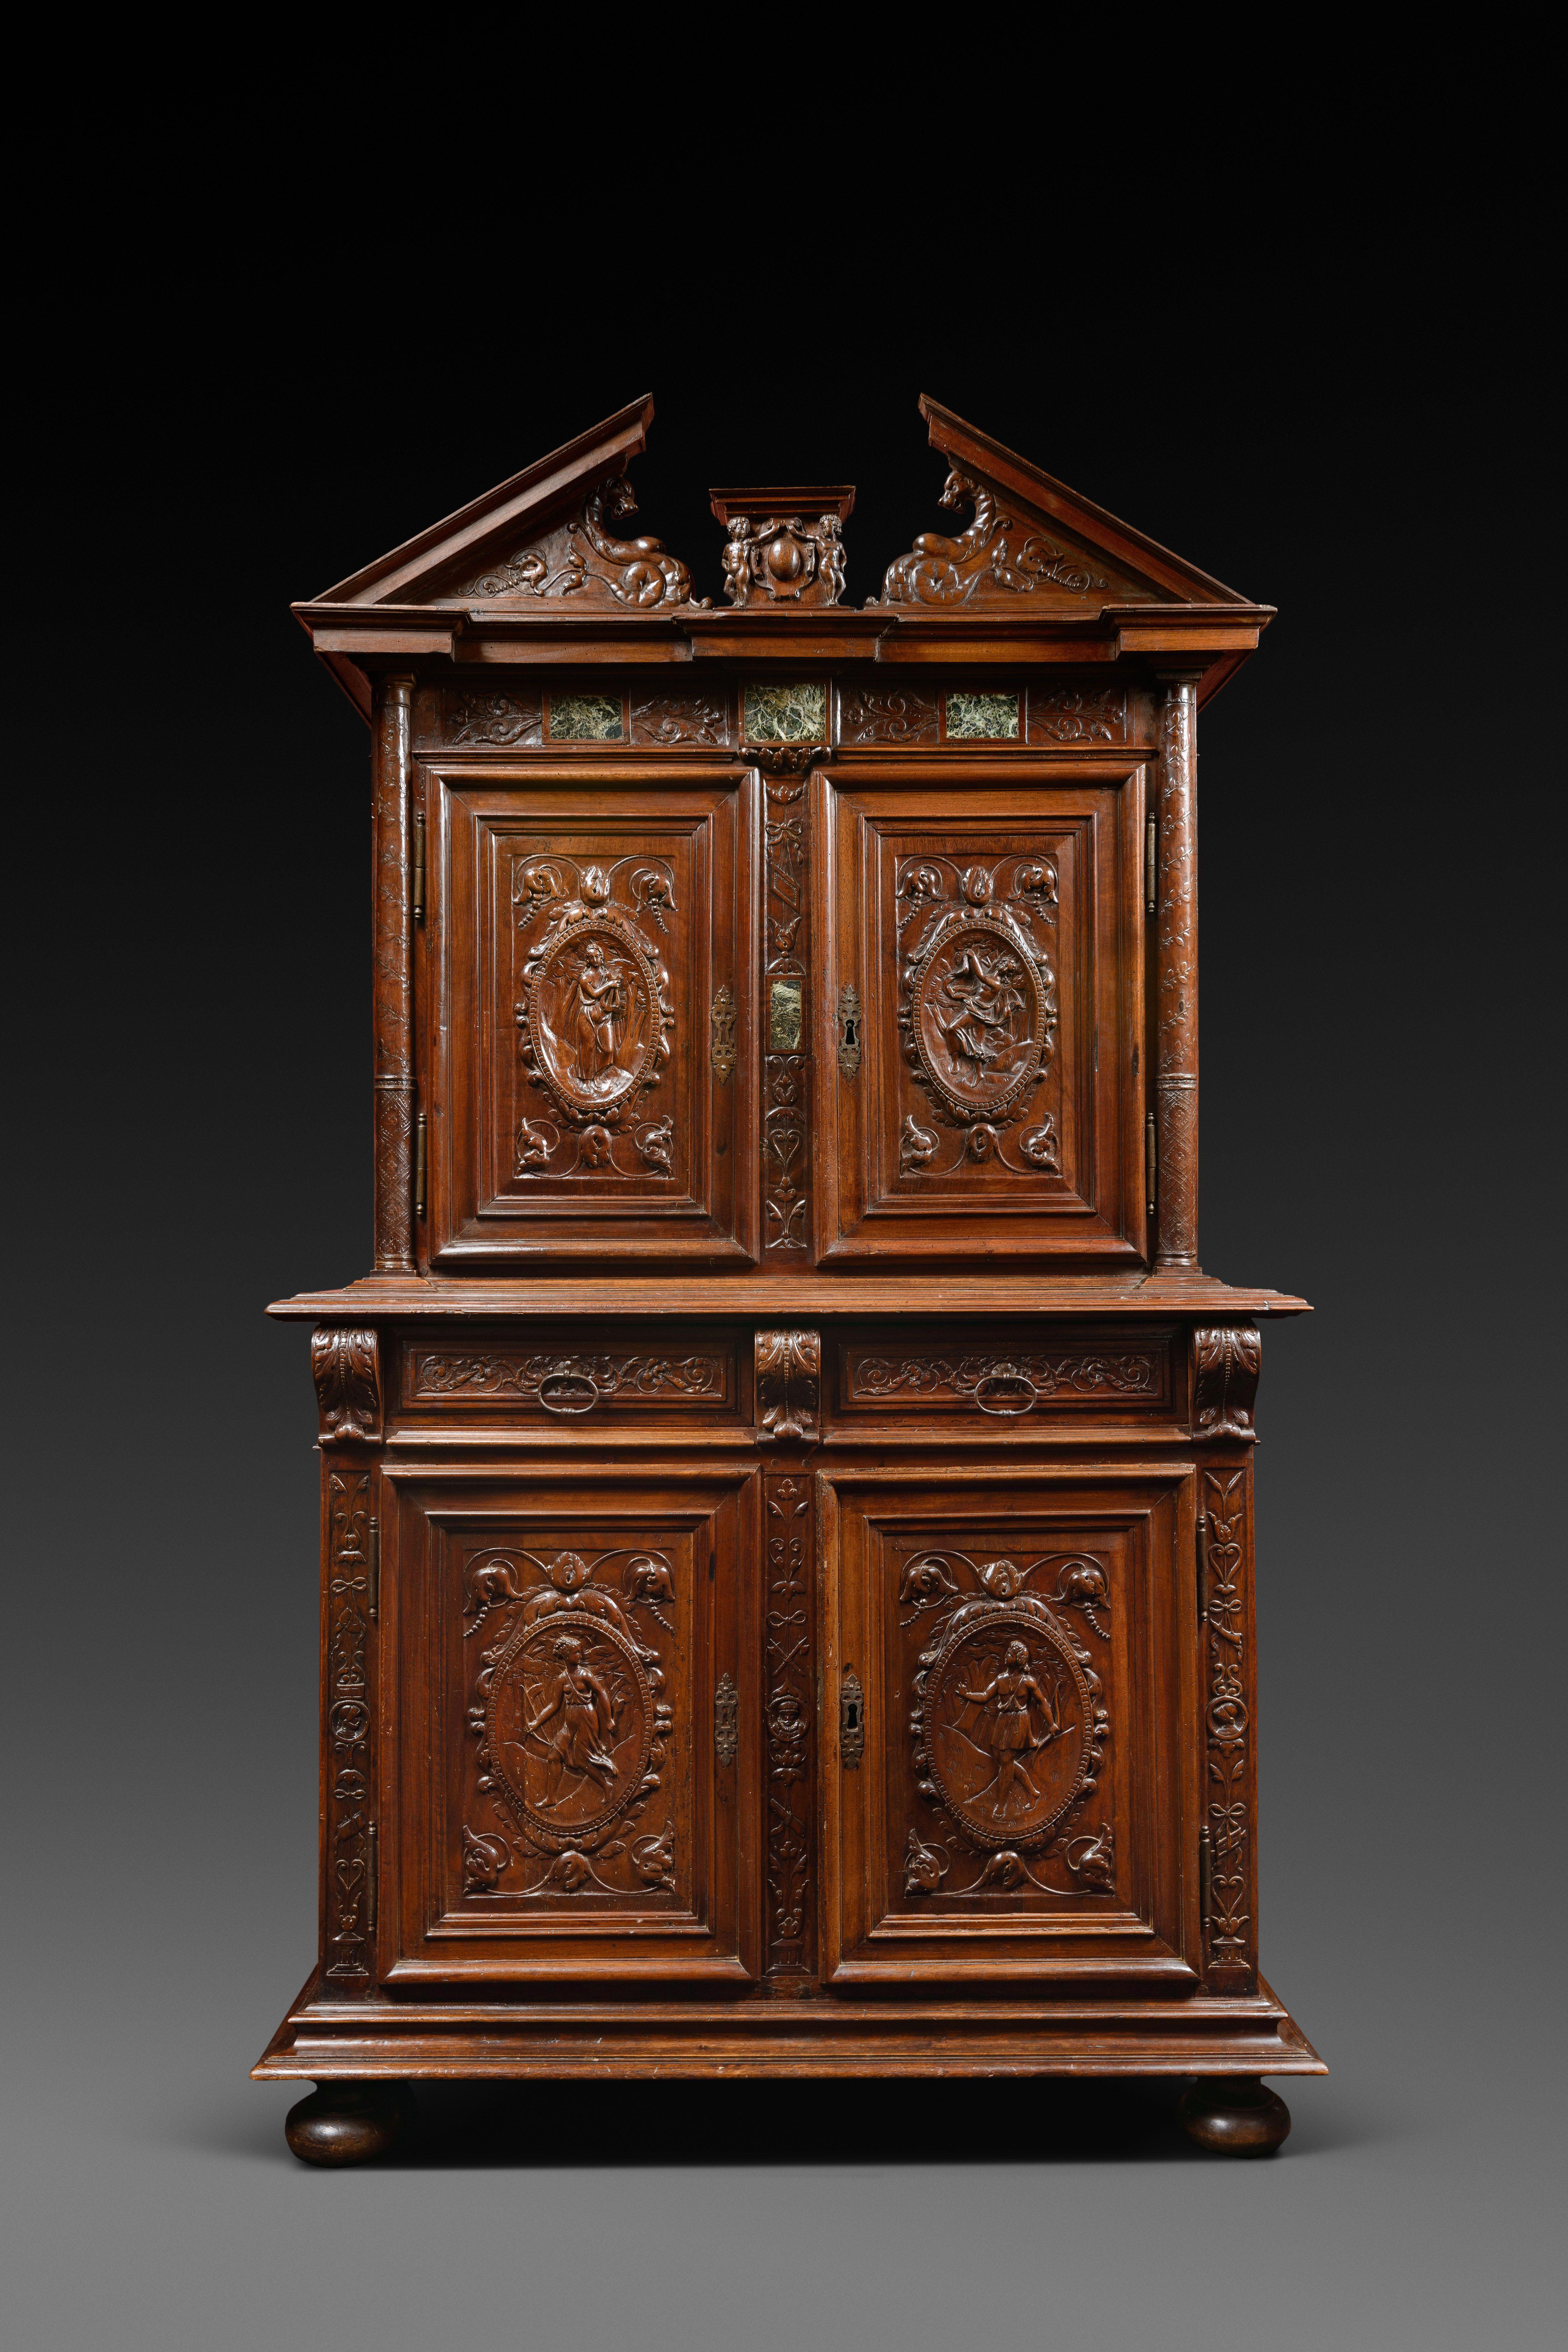 Meuble Ancien Style Henri 4 Épinglé sur mobilier > 16e siècle > france